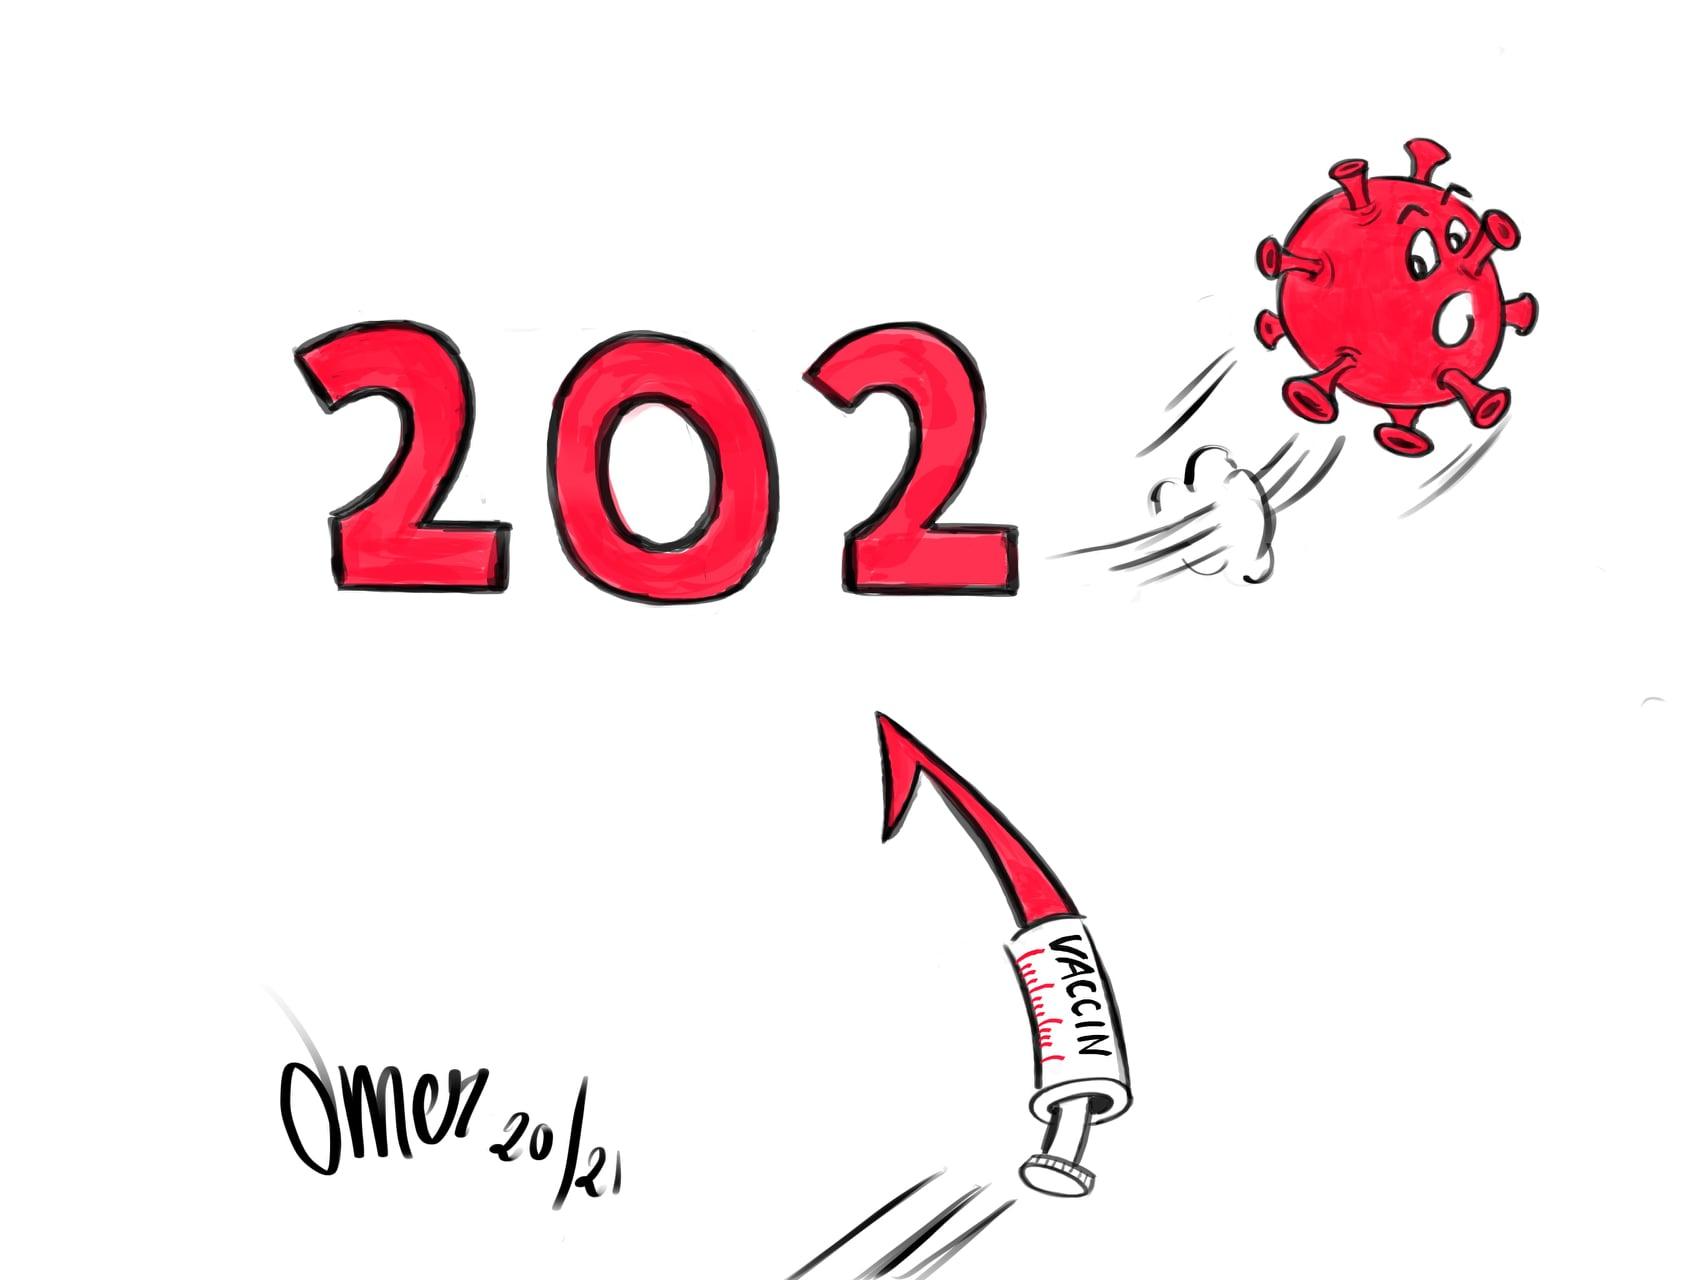 MEILLEURS VOEUX pour l'année 2021